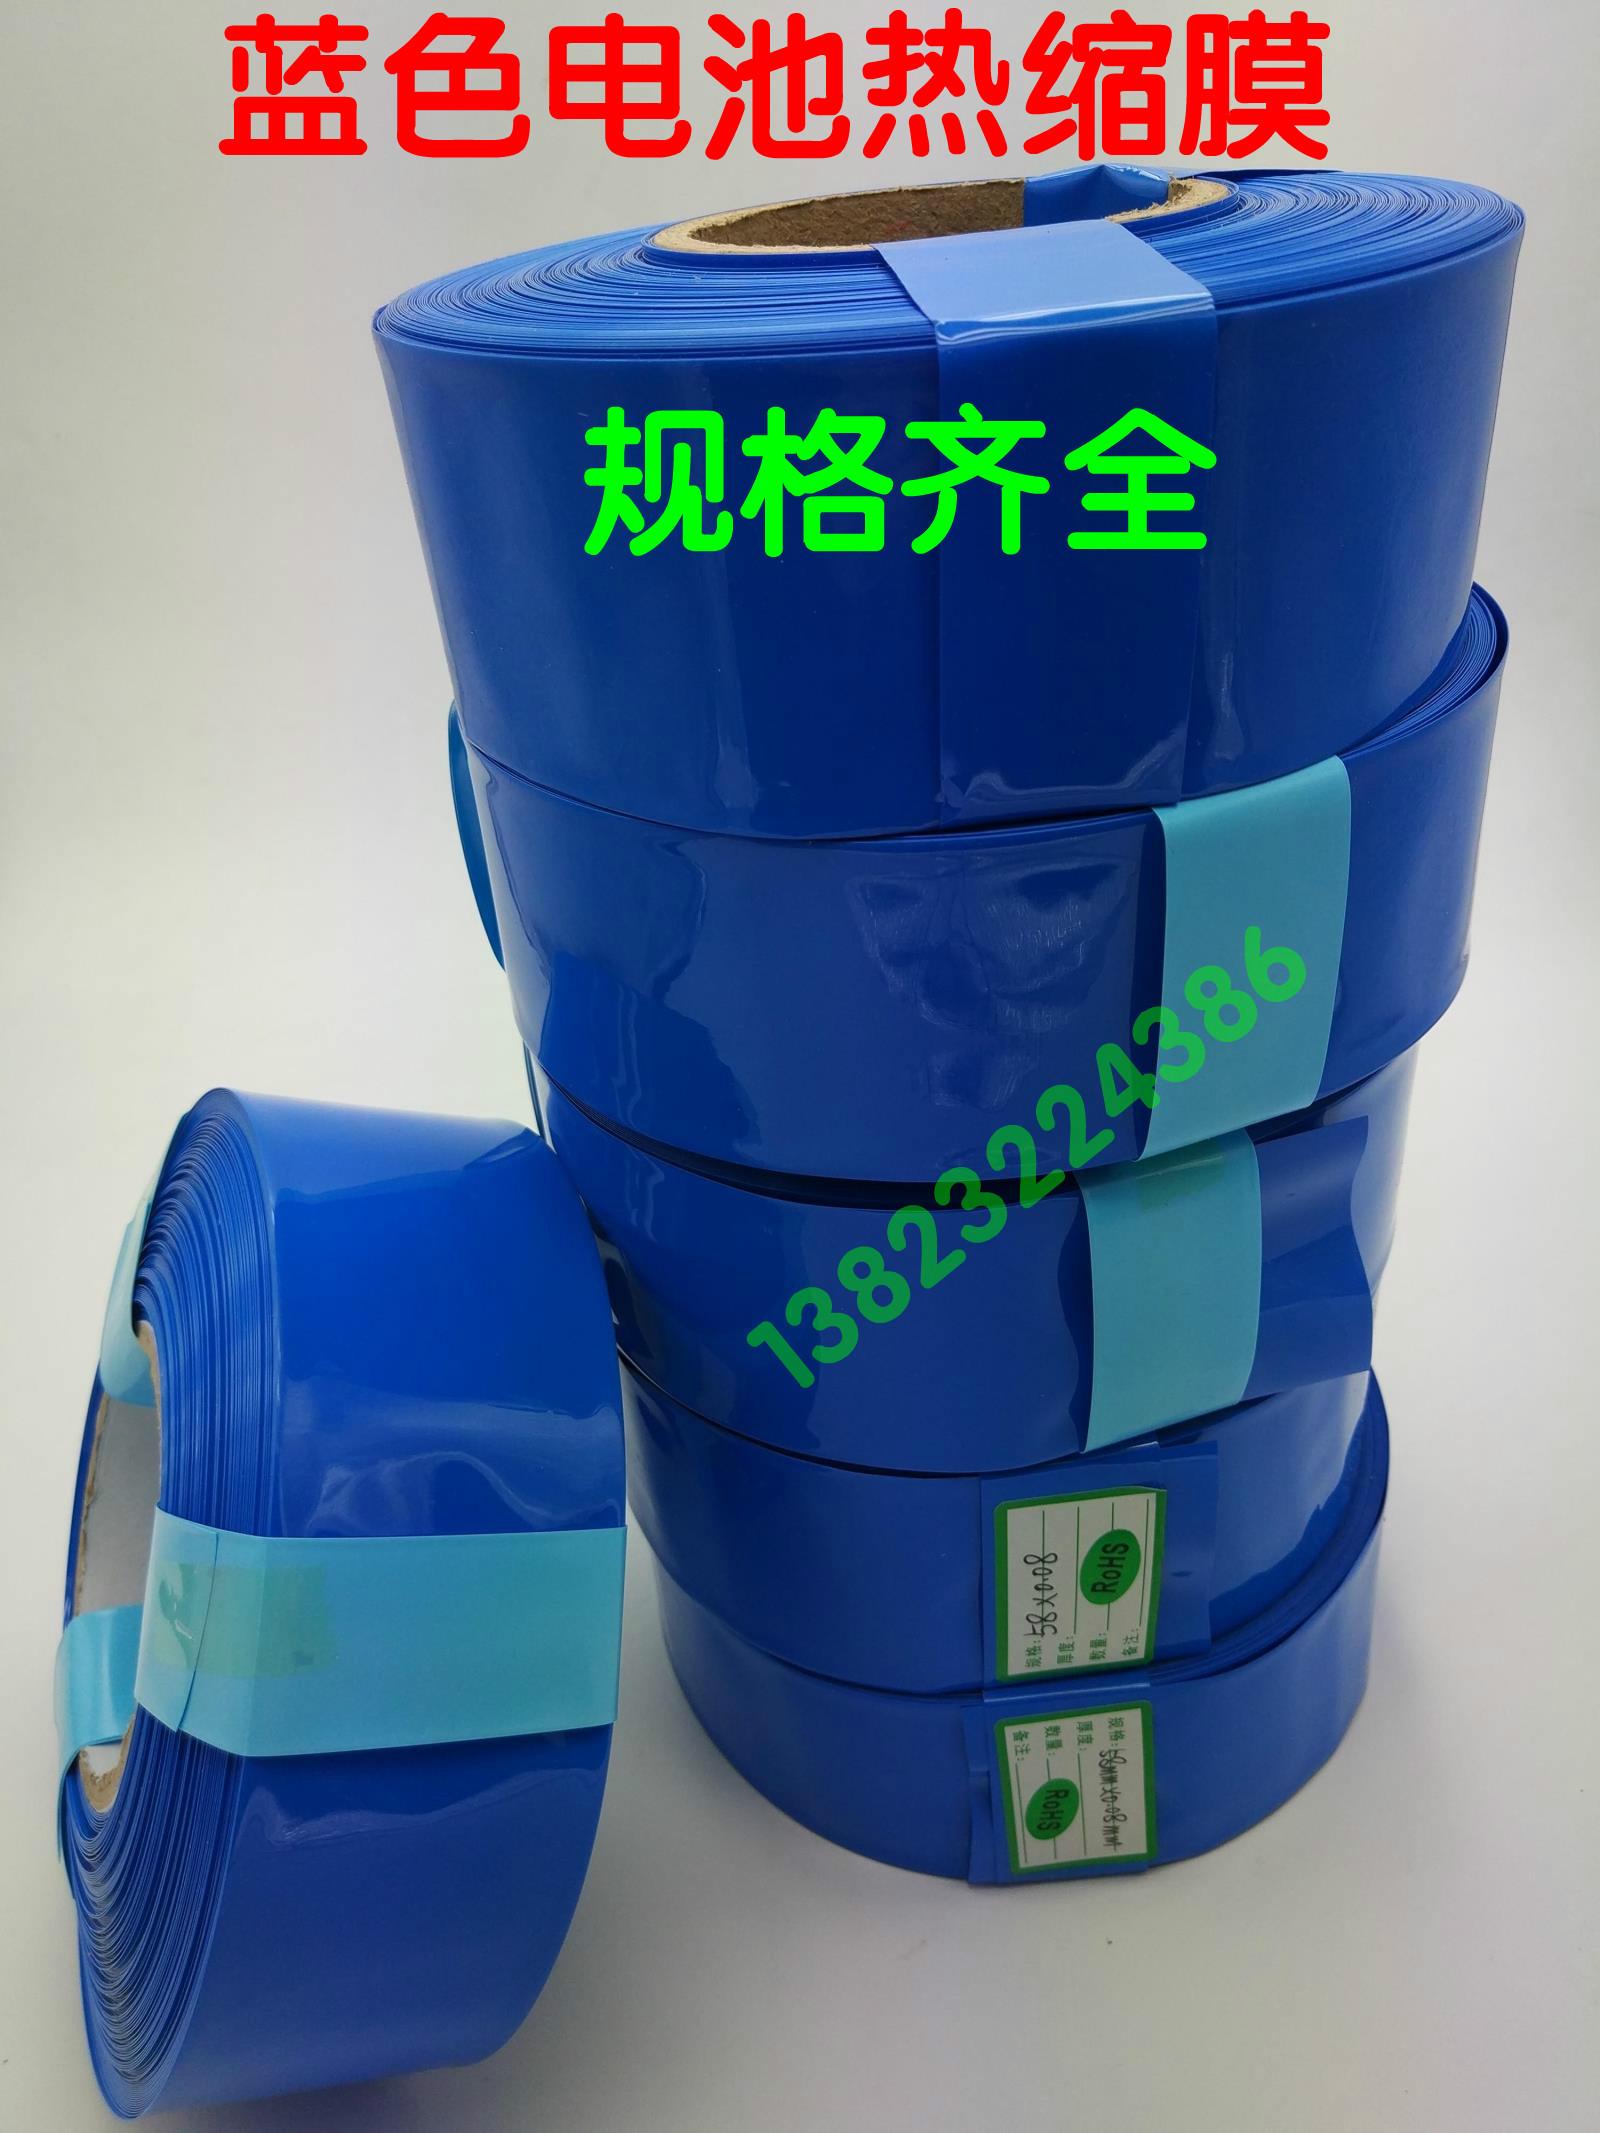 58 mm de ancho de color azul el tubo de PVC con película de película de calor puede ser longitud batería batería valet de corte